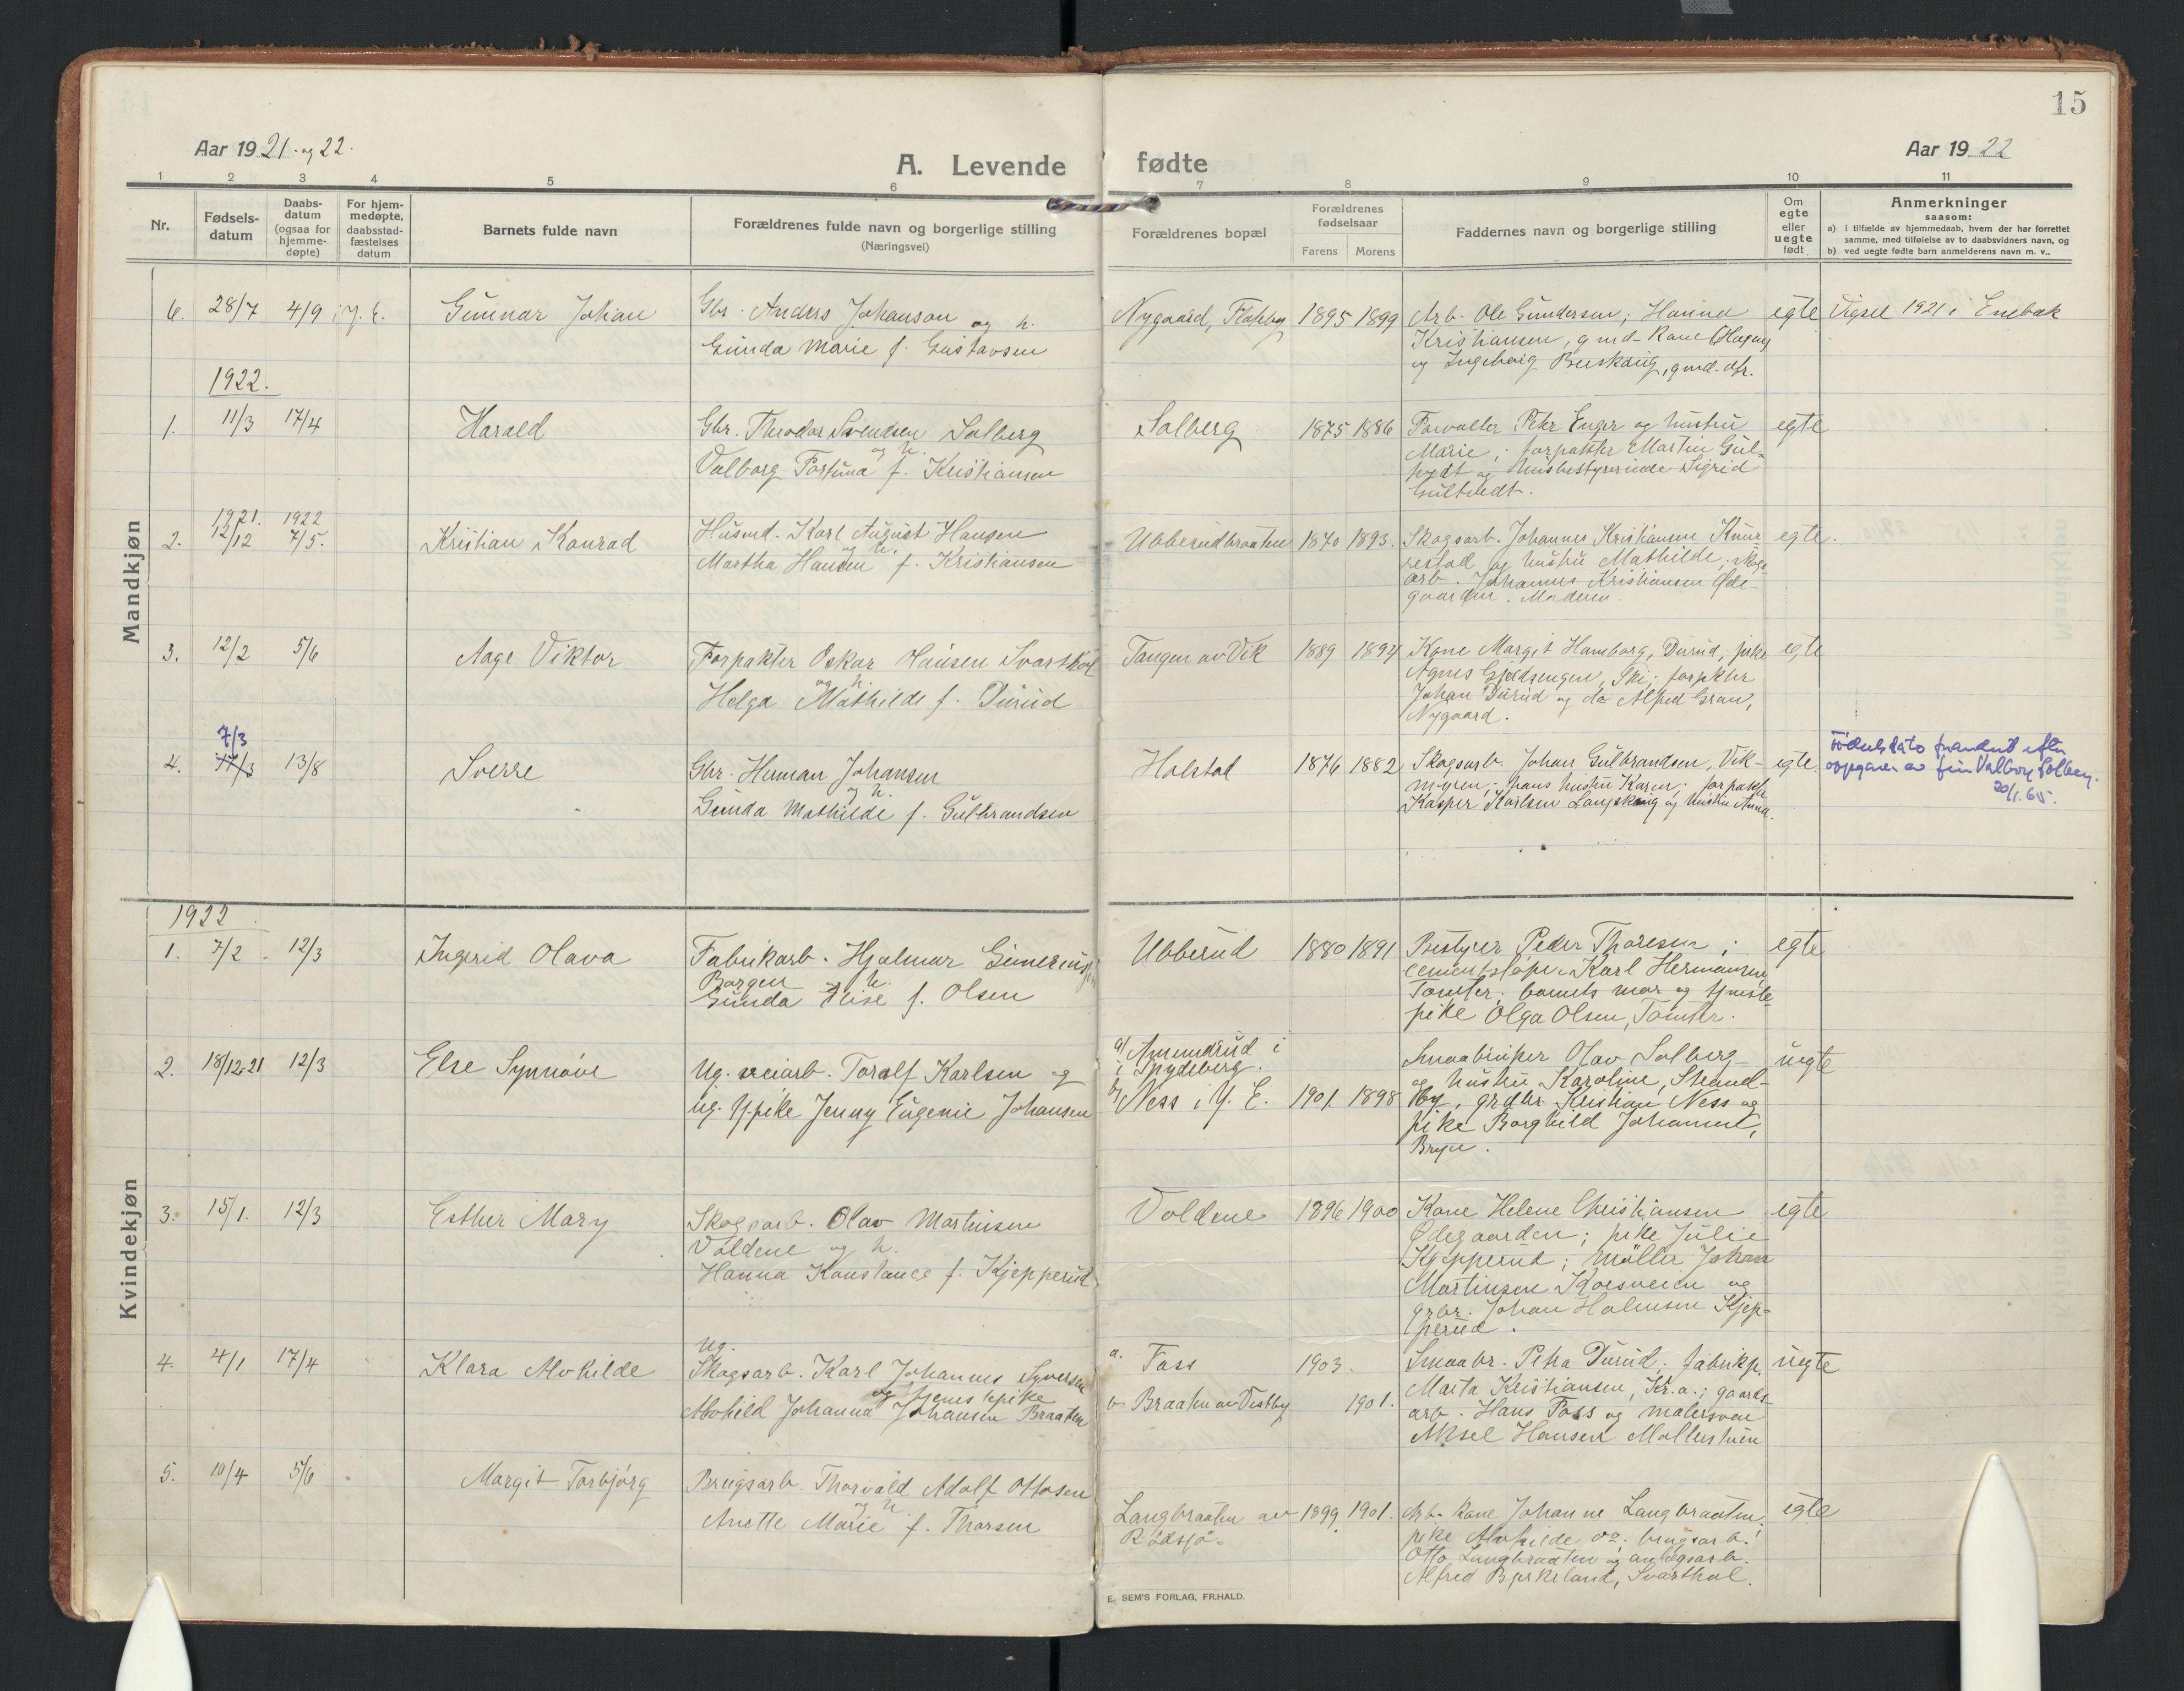 SAO, Enebakk prestekontor Kirkebøker, F/Fb/L0003: Ministerialbok nr. II 3, 1912-1946, s. 15